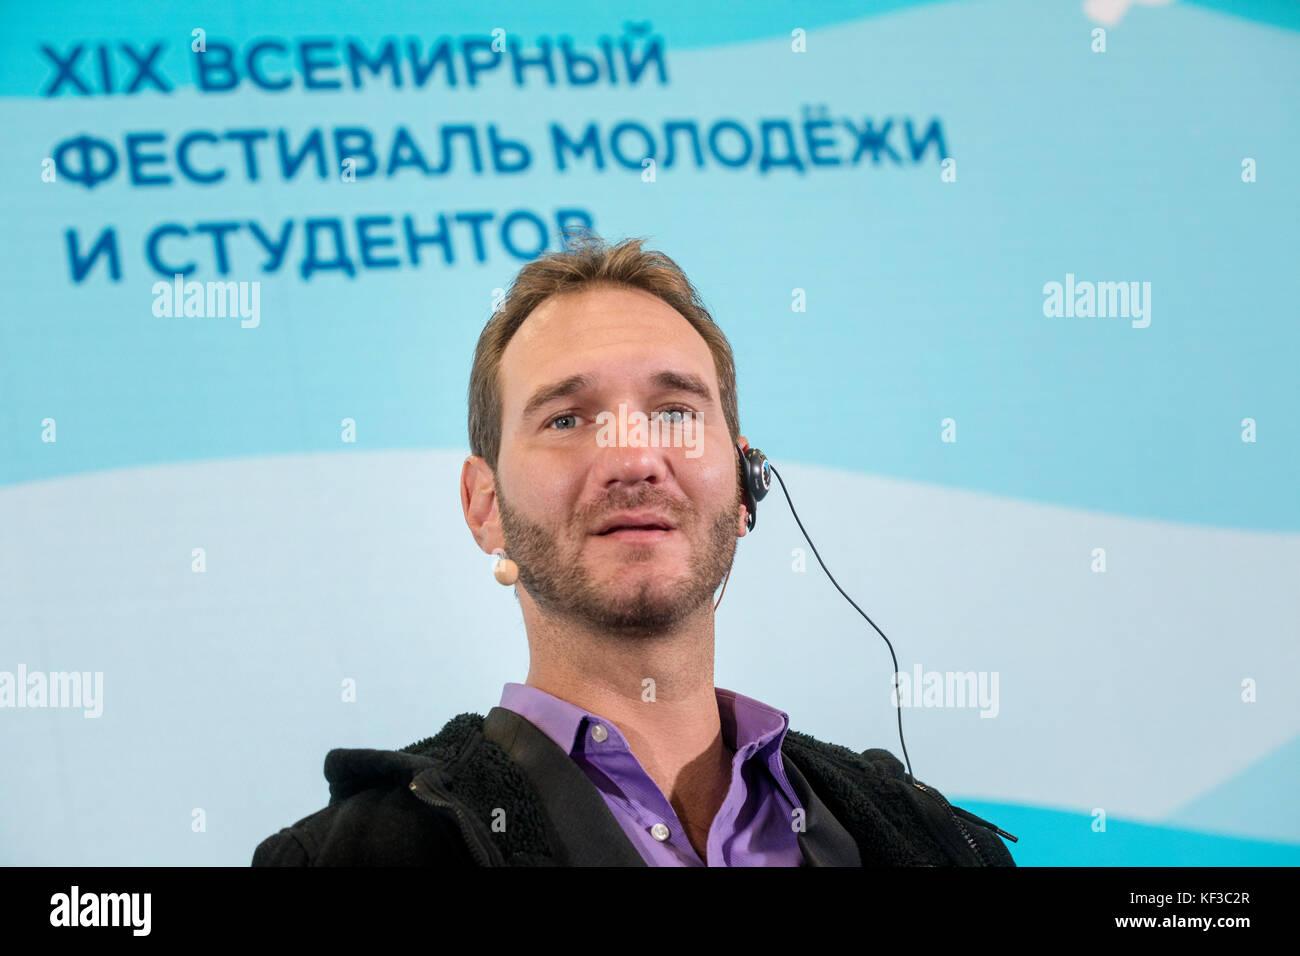 Nick vujicic, un australiano de entrenador y motivador, nacido con tetra-Amelia síndrome, da una conferencia de Foto de stock